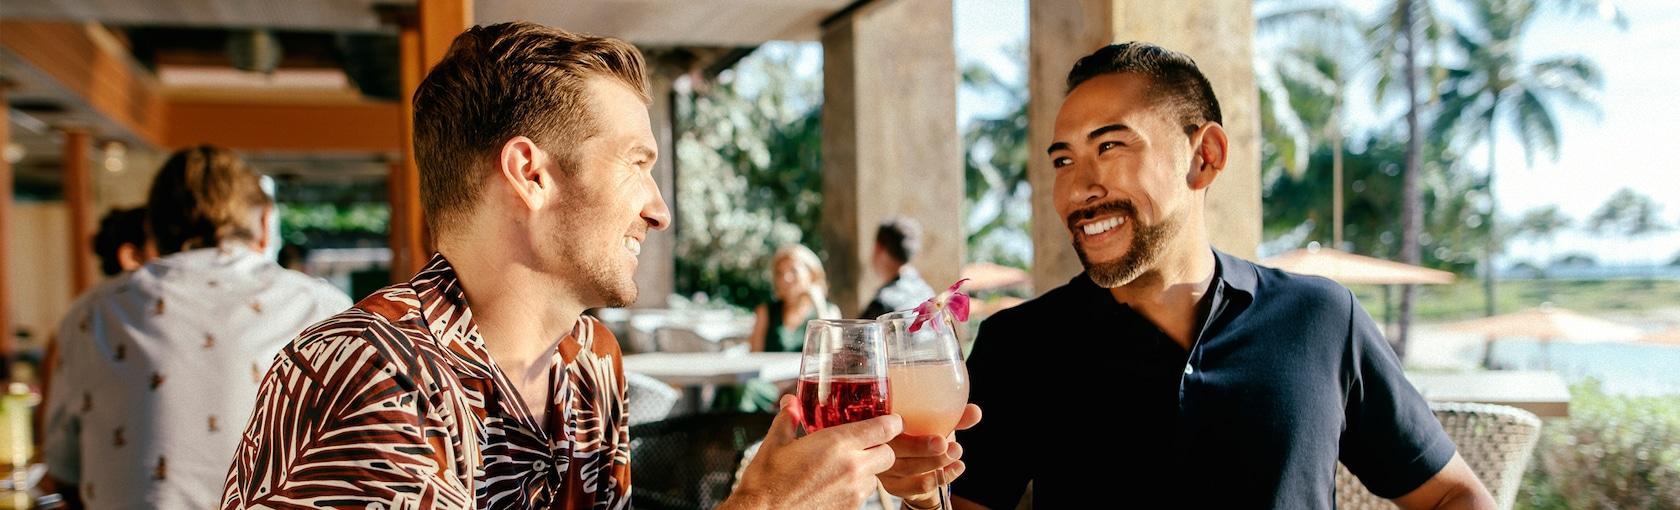 パティオのテーブルで笑顔でグラスを傾ける 2 人の若い男性